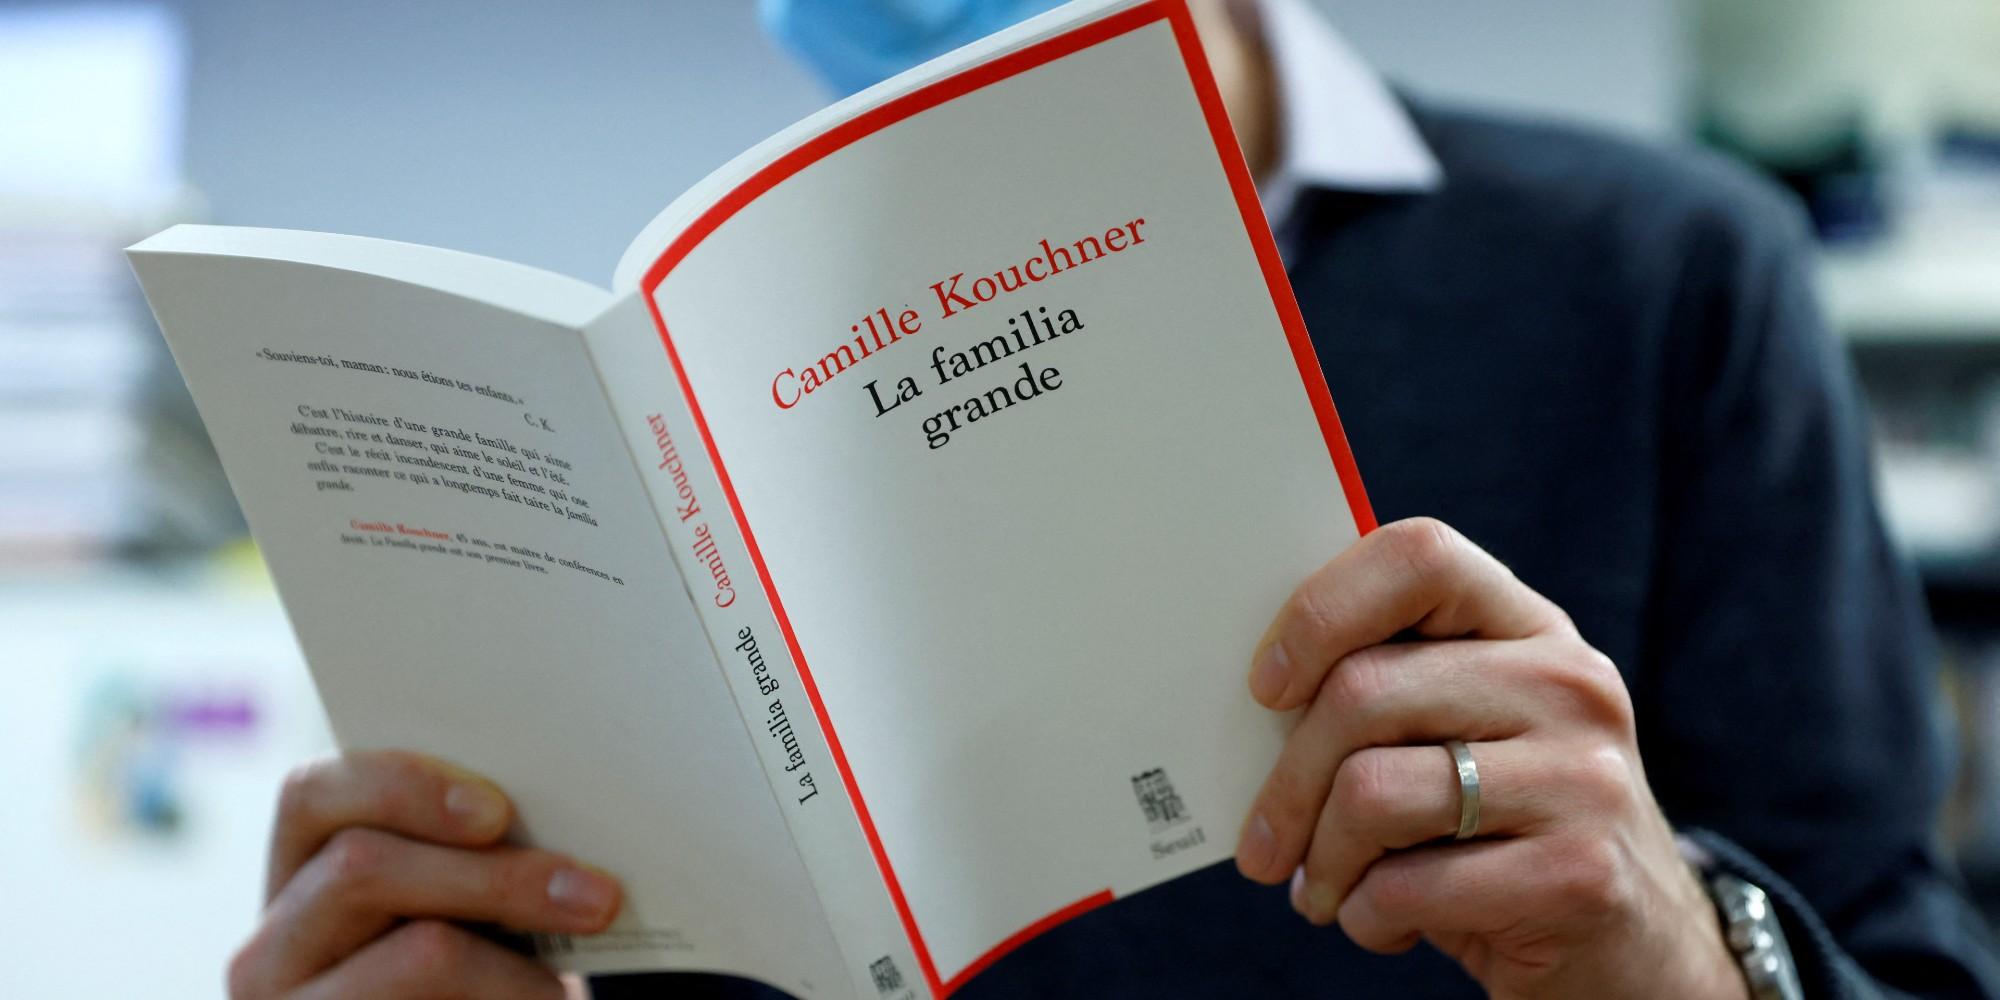 """Camille Kouchner """"ébahie"""" par ce qu'a suscité son livre"""